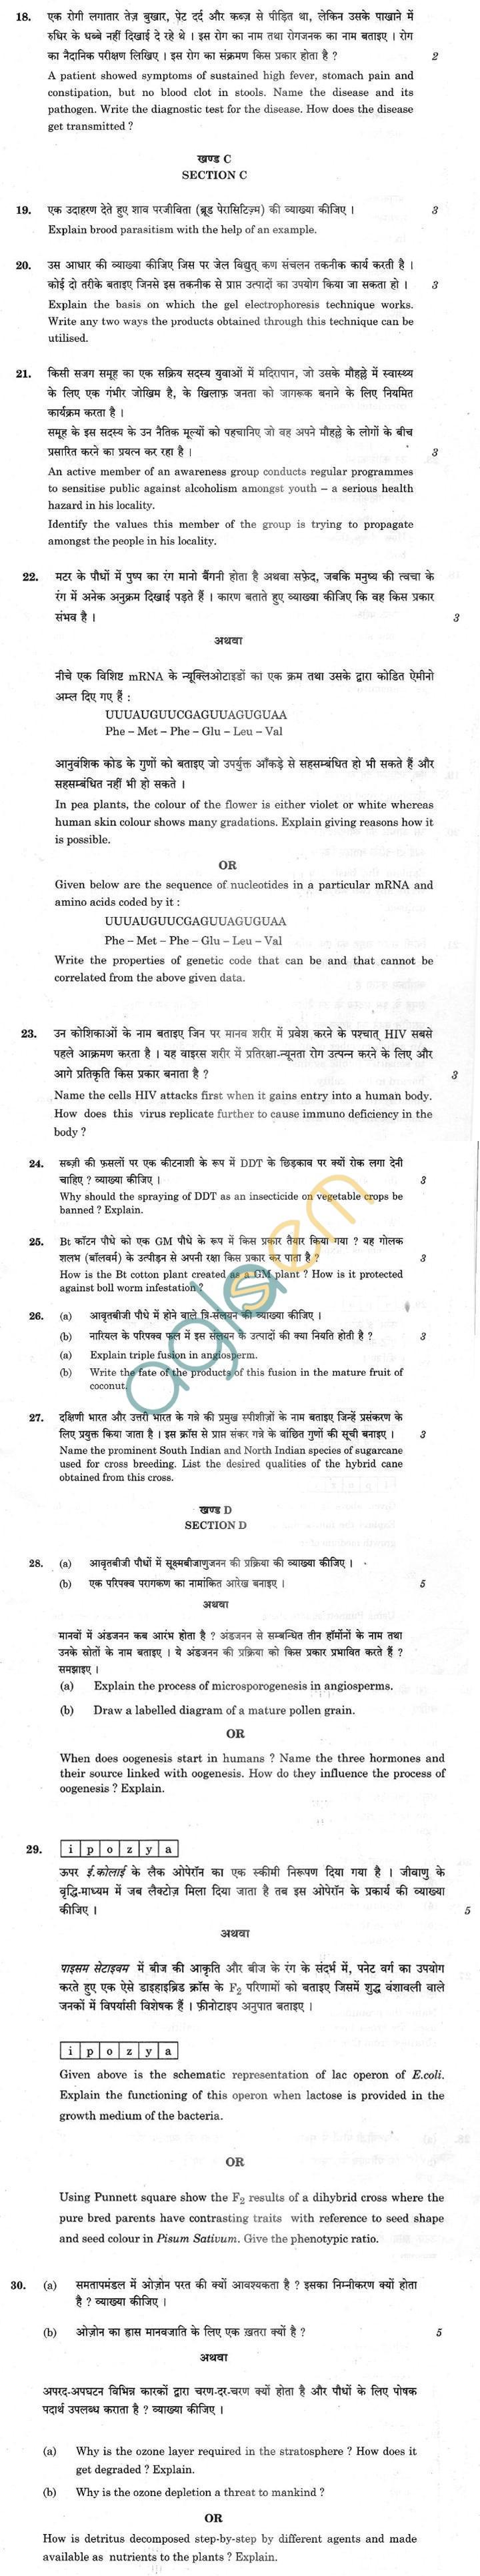 CBSE Board Exam 2014 Class 12 Sample Question Paper - Biology